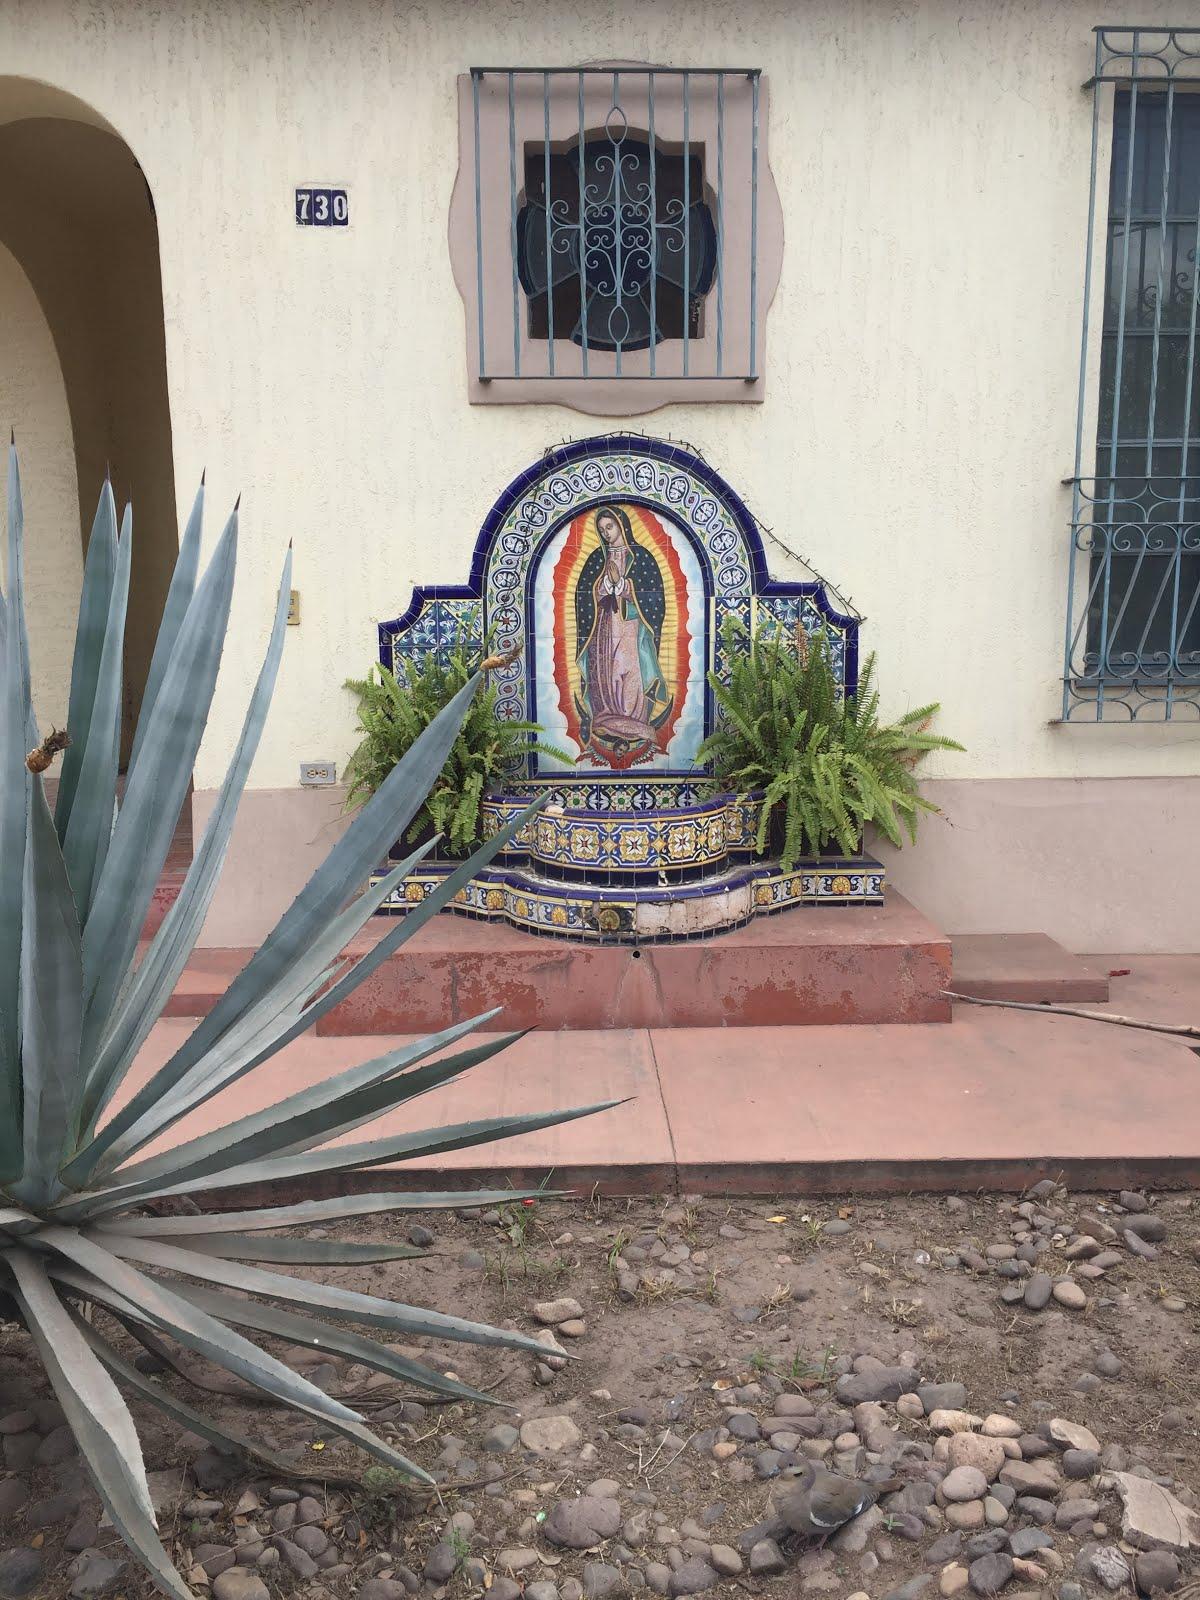 ciudad obregon au nord ouest du mexique